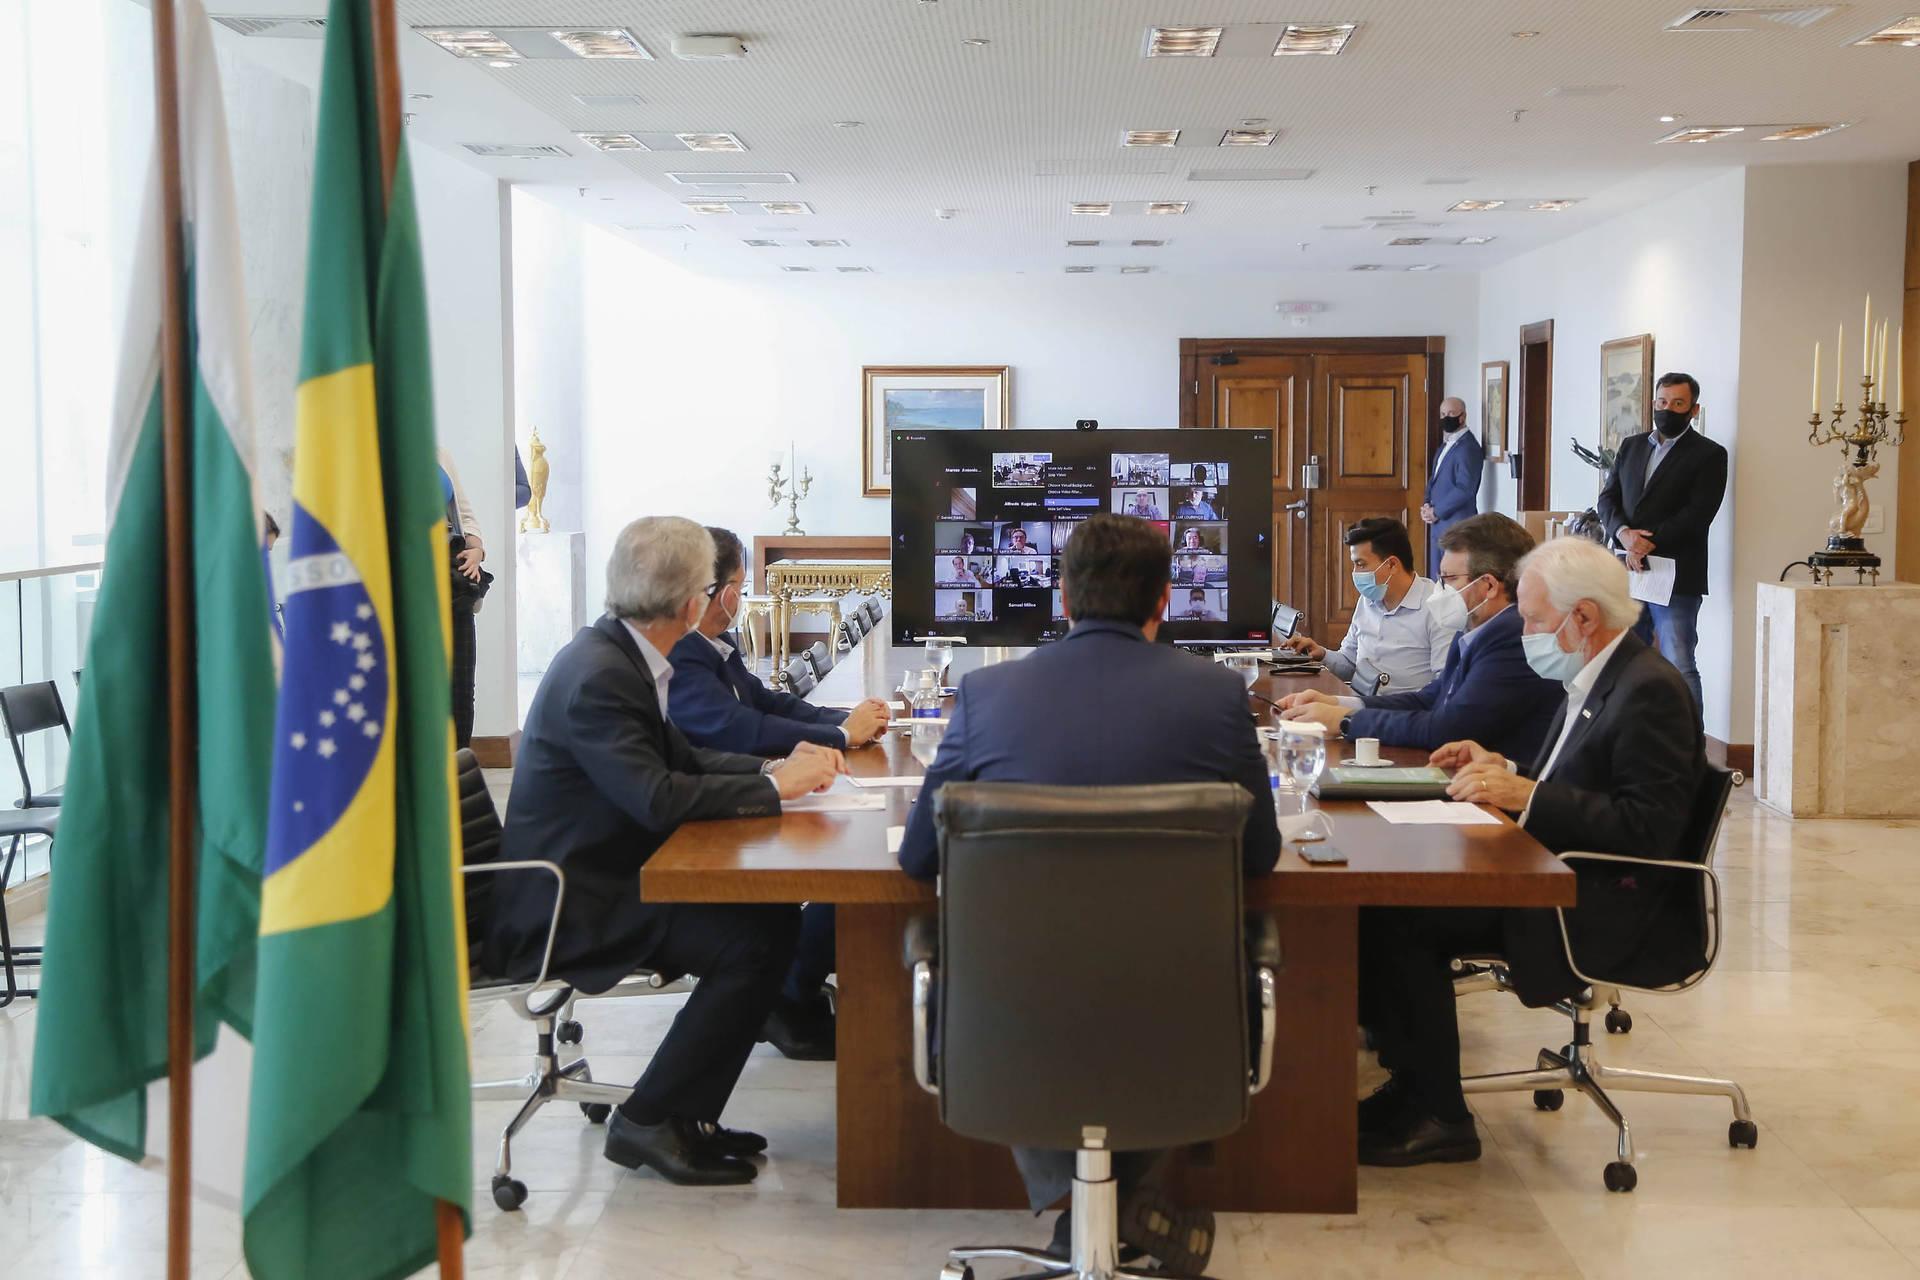 Com apoio do Paraná, cooperativas vão investir R$ 1,5 bilhão em fábrica de malte